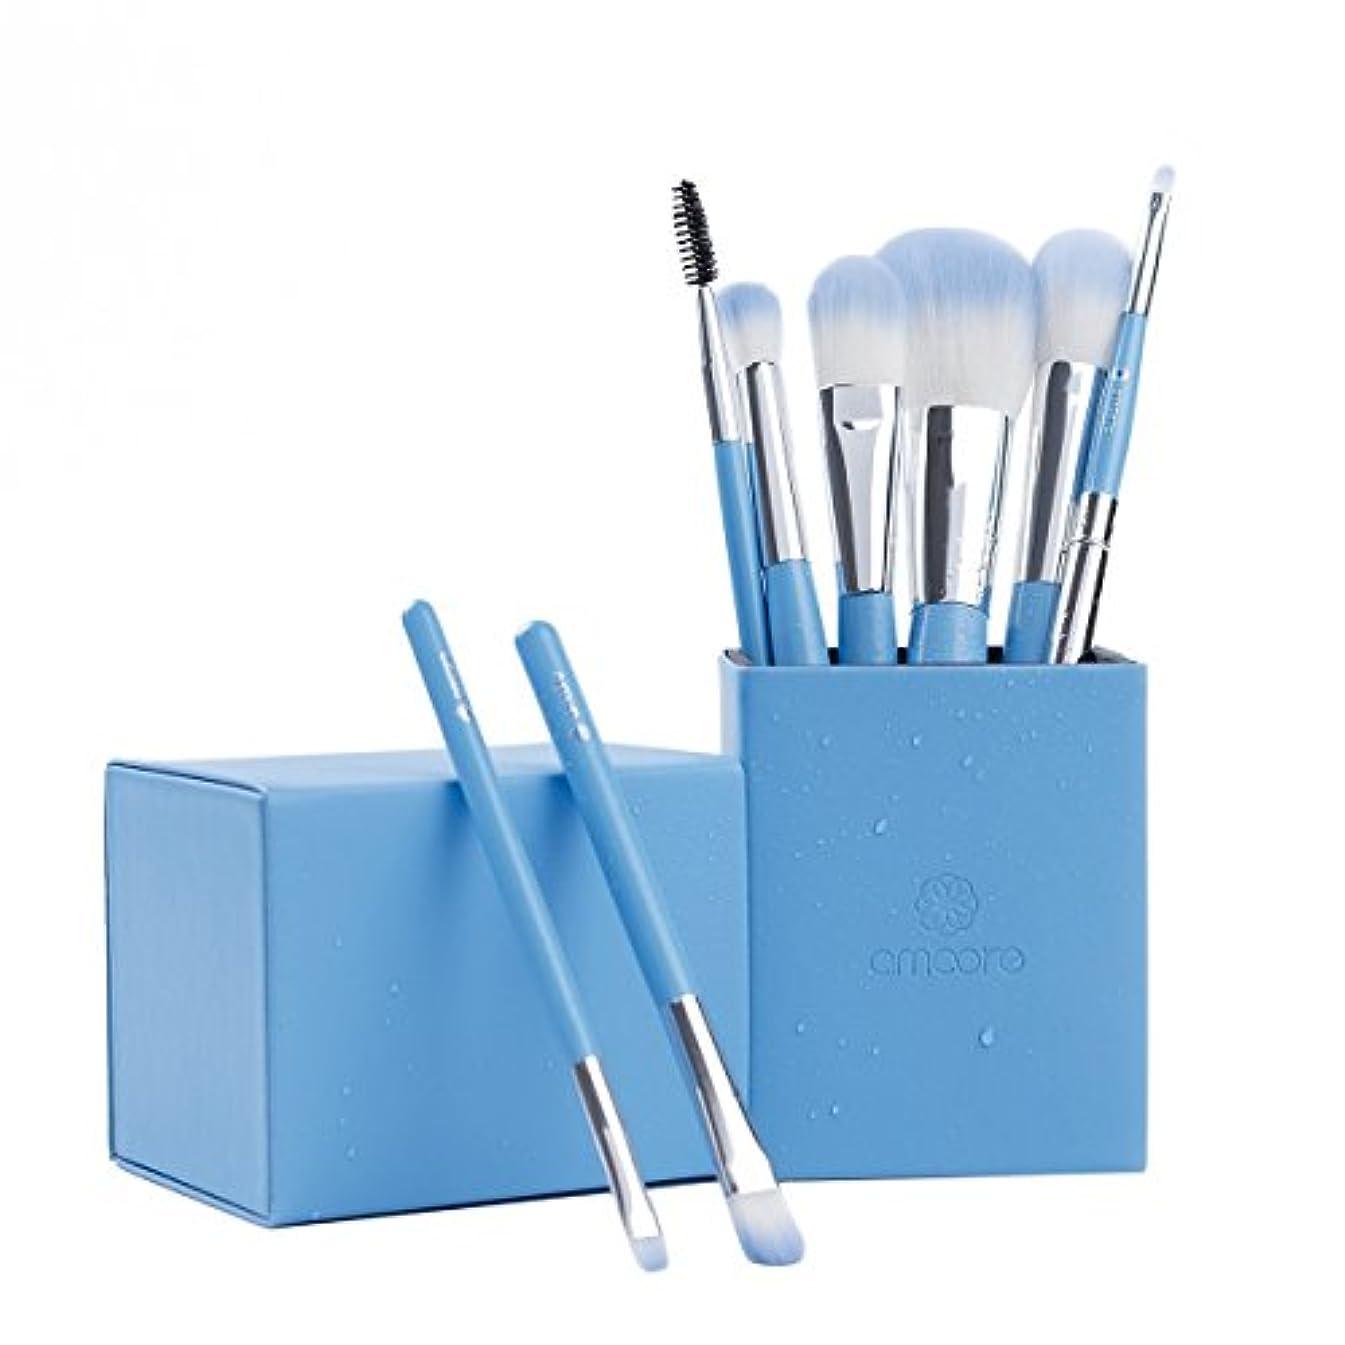 うっかり注意いうamoore 化粧筆 メイクブラシセット 化粧ブラシ セット コスメ ブラシ 収納ケース付き (8本, 水色)